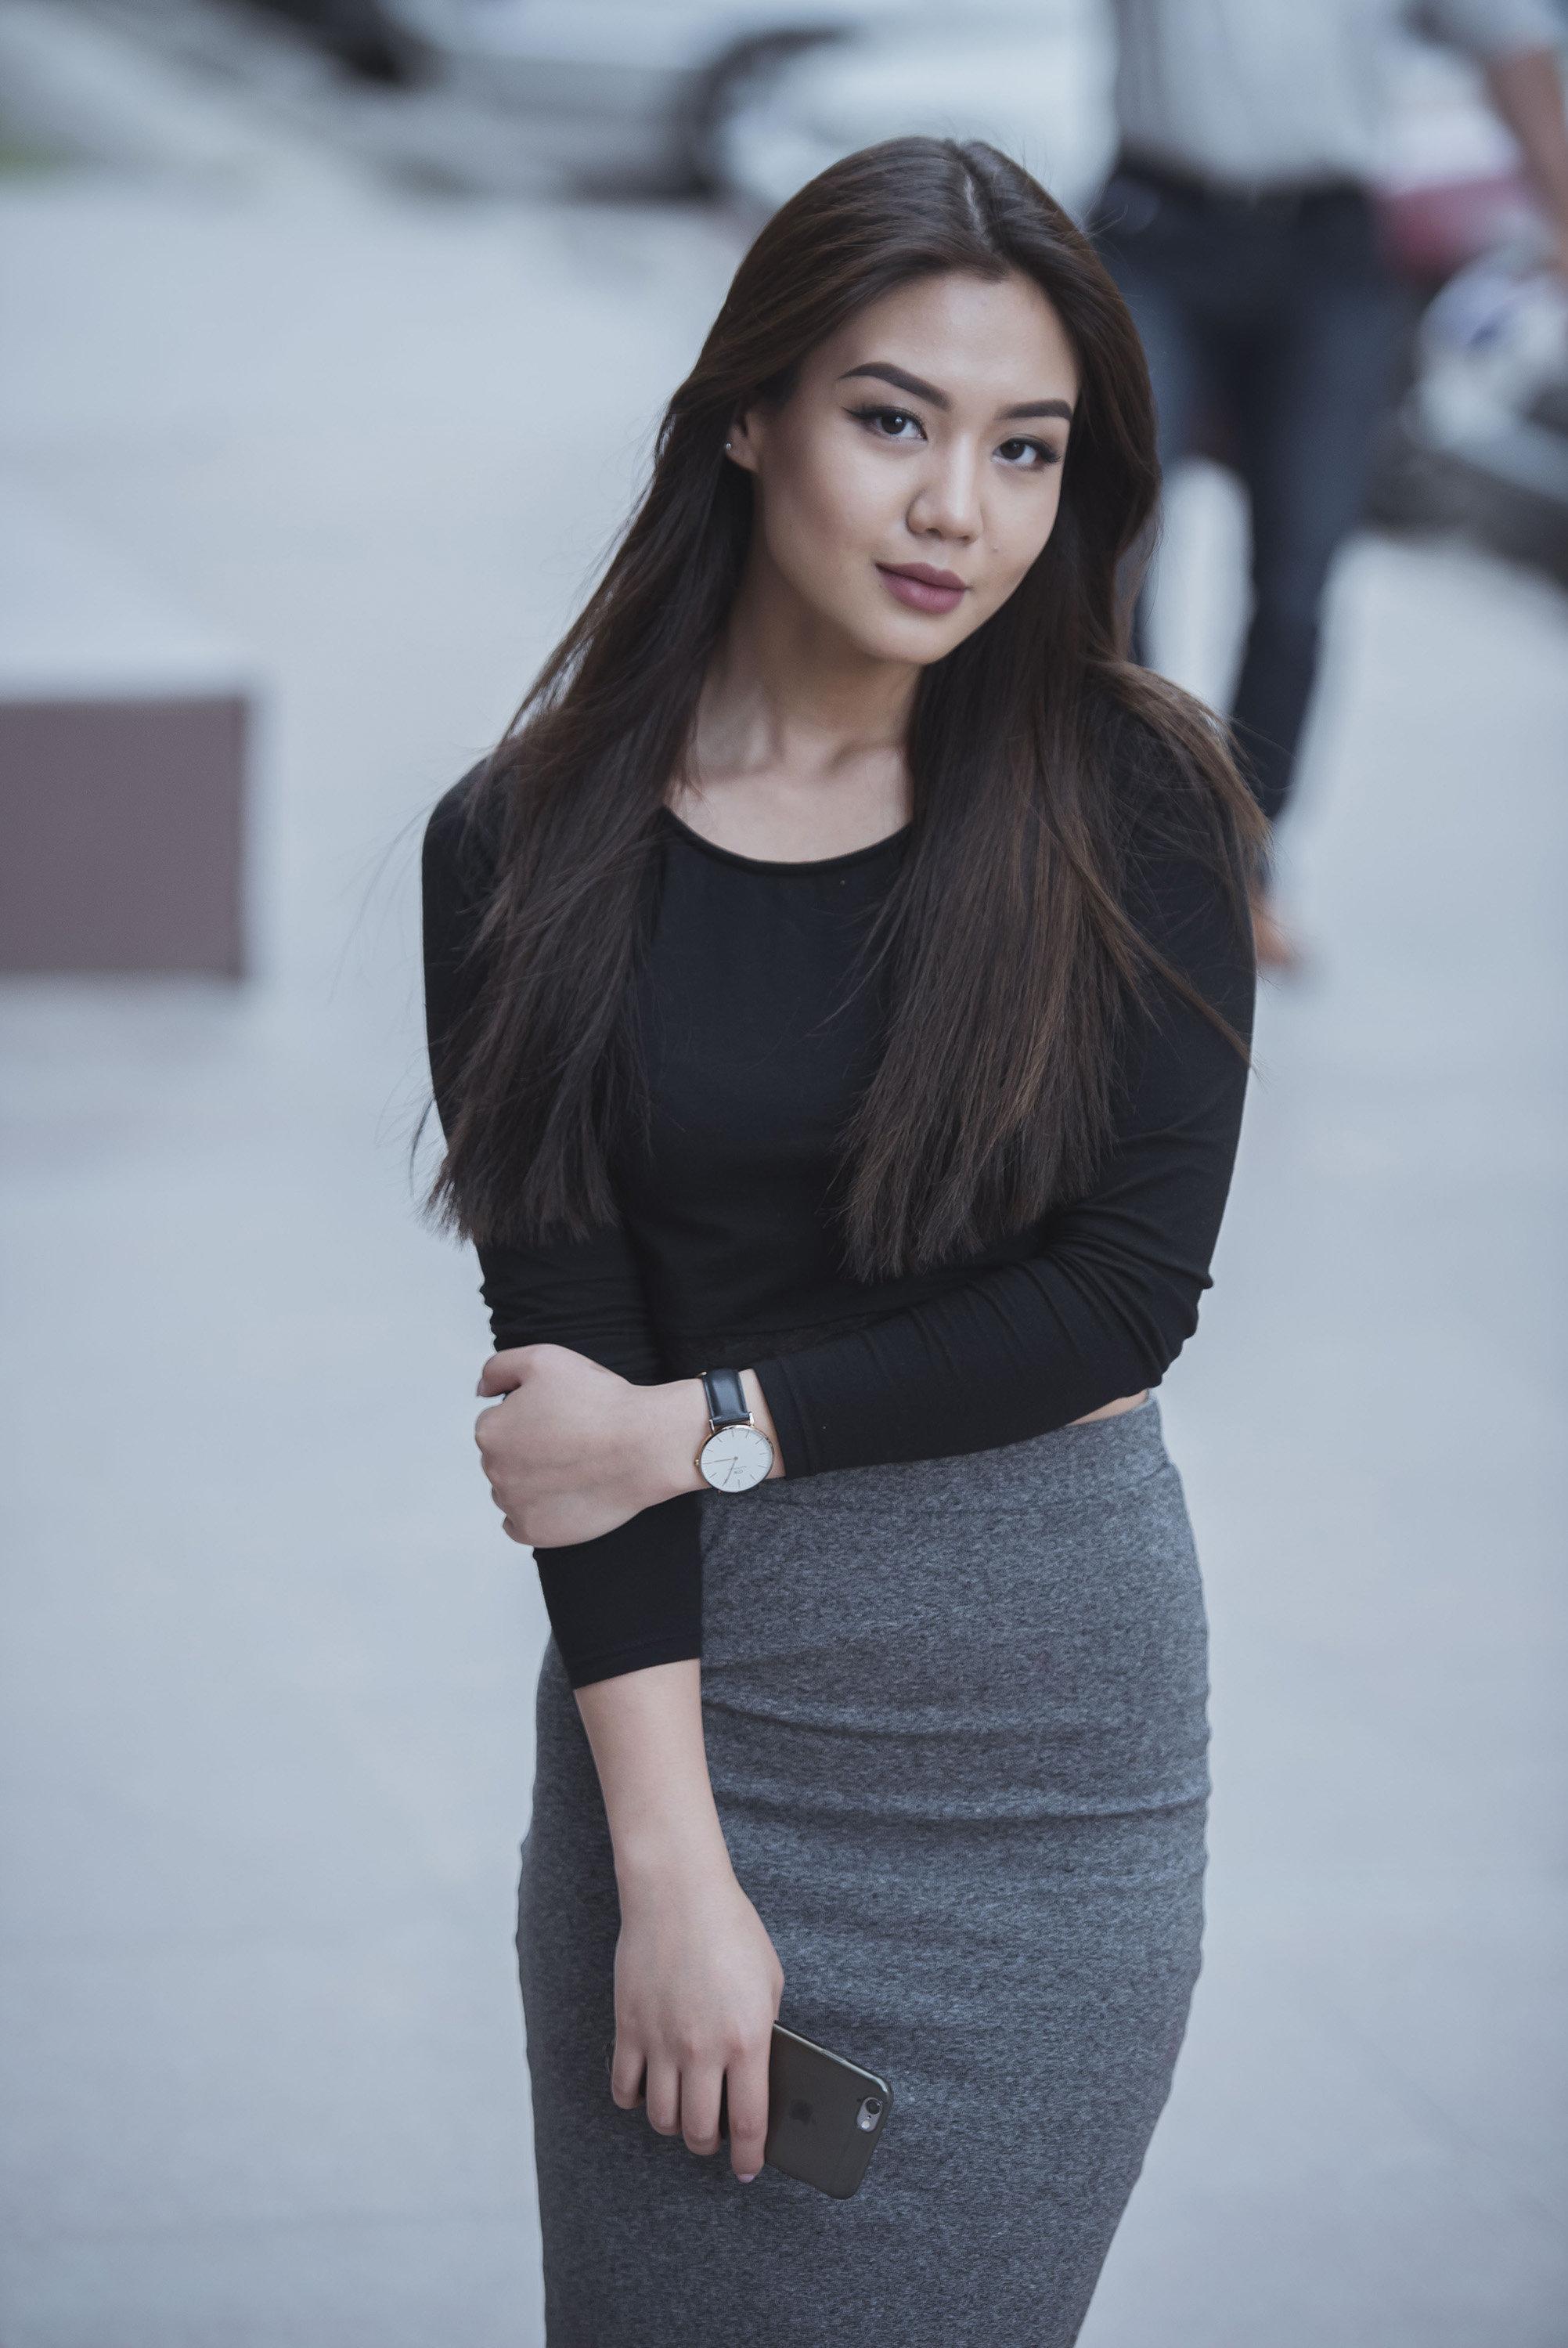 самые красивые девушки кыргызстана видео голые мамочки